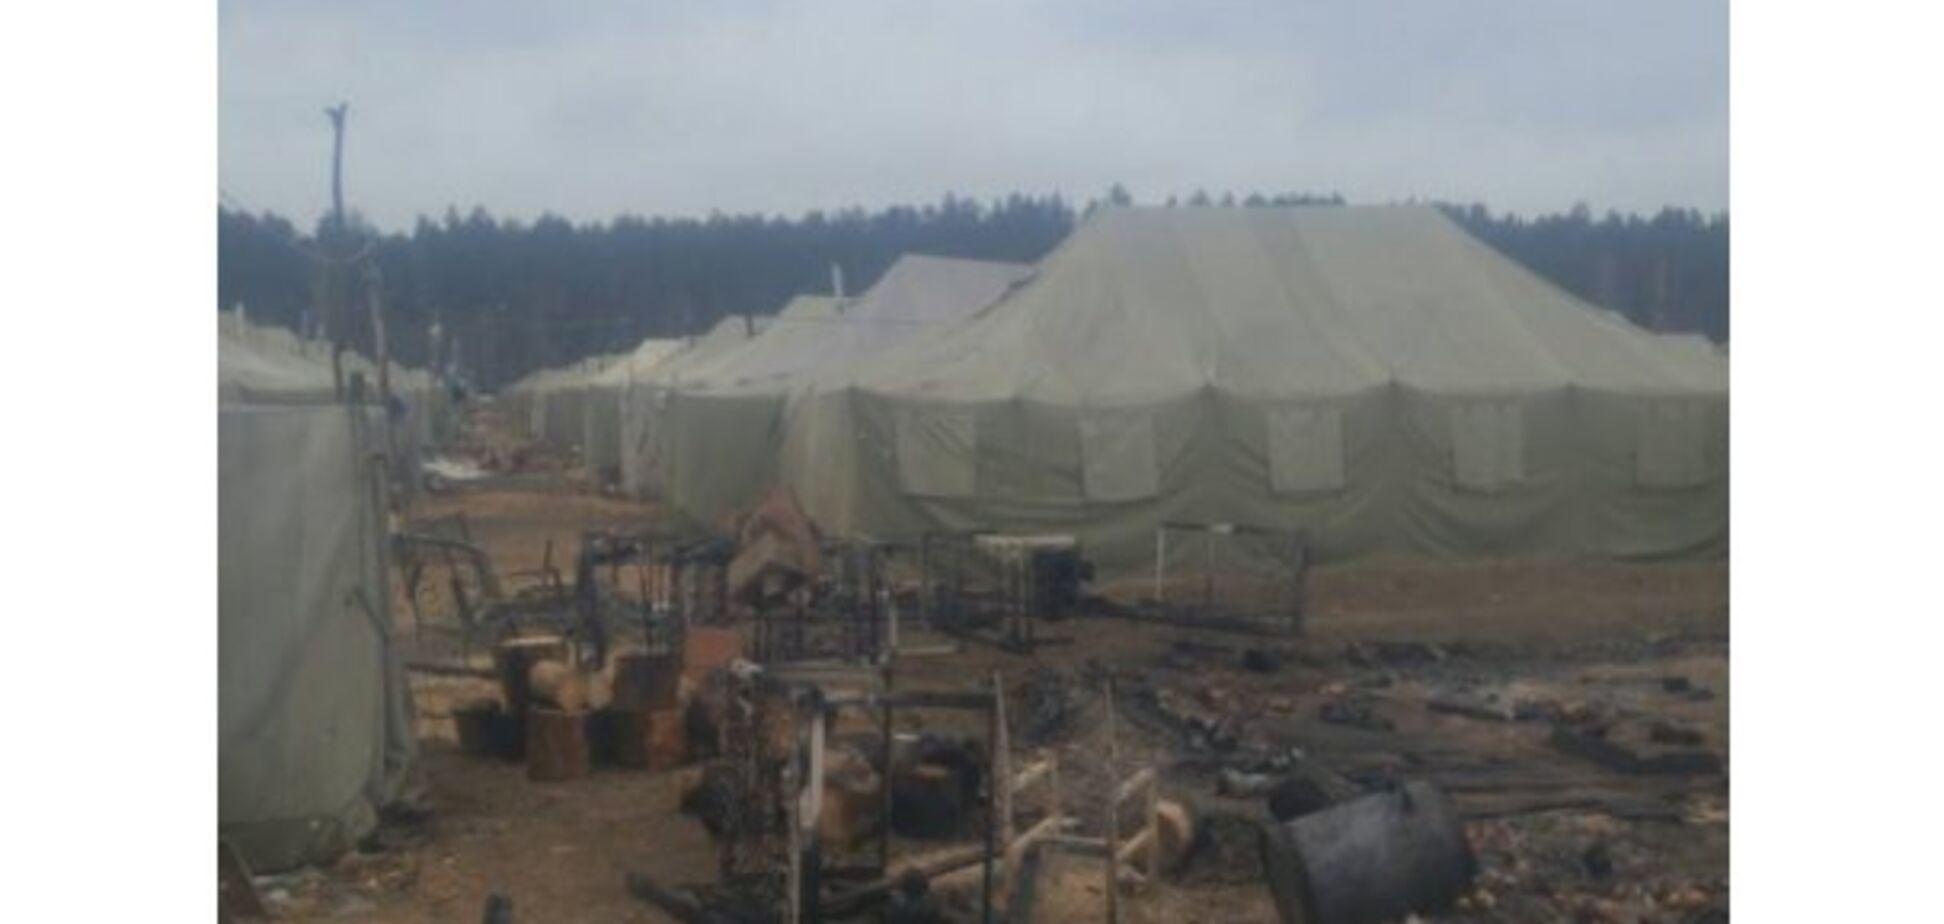 Сгорело дотла: на Черниговщине произошел пожар в воинской части. Появились фото